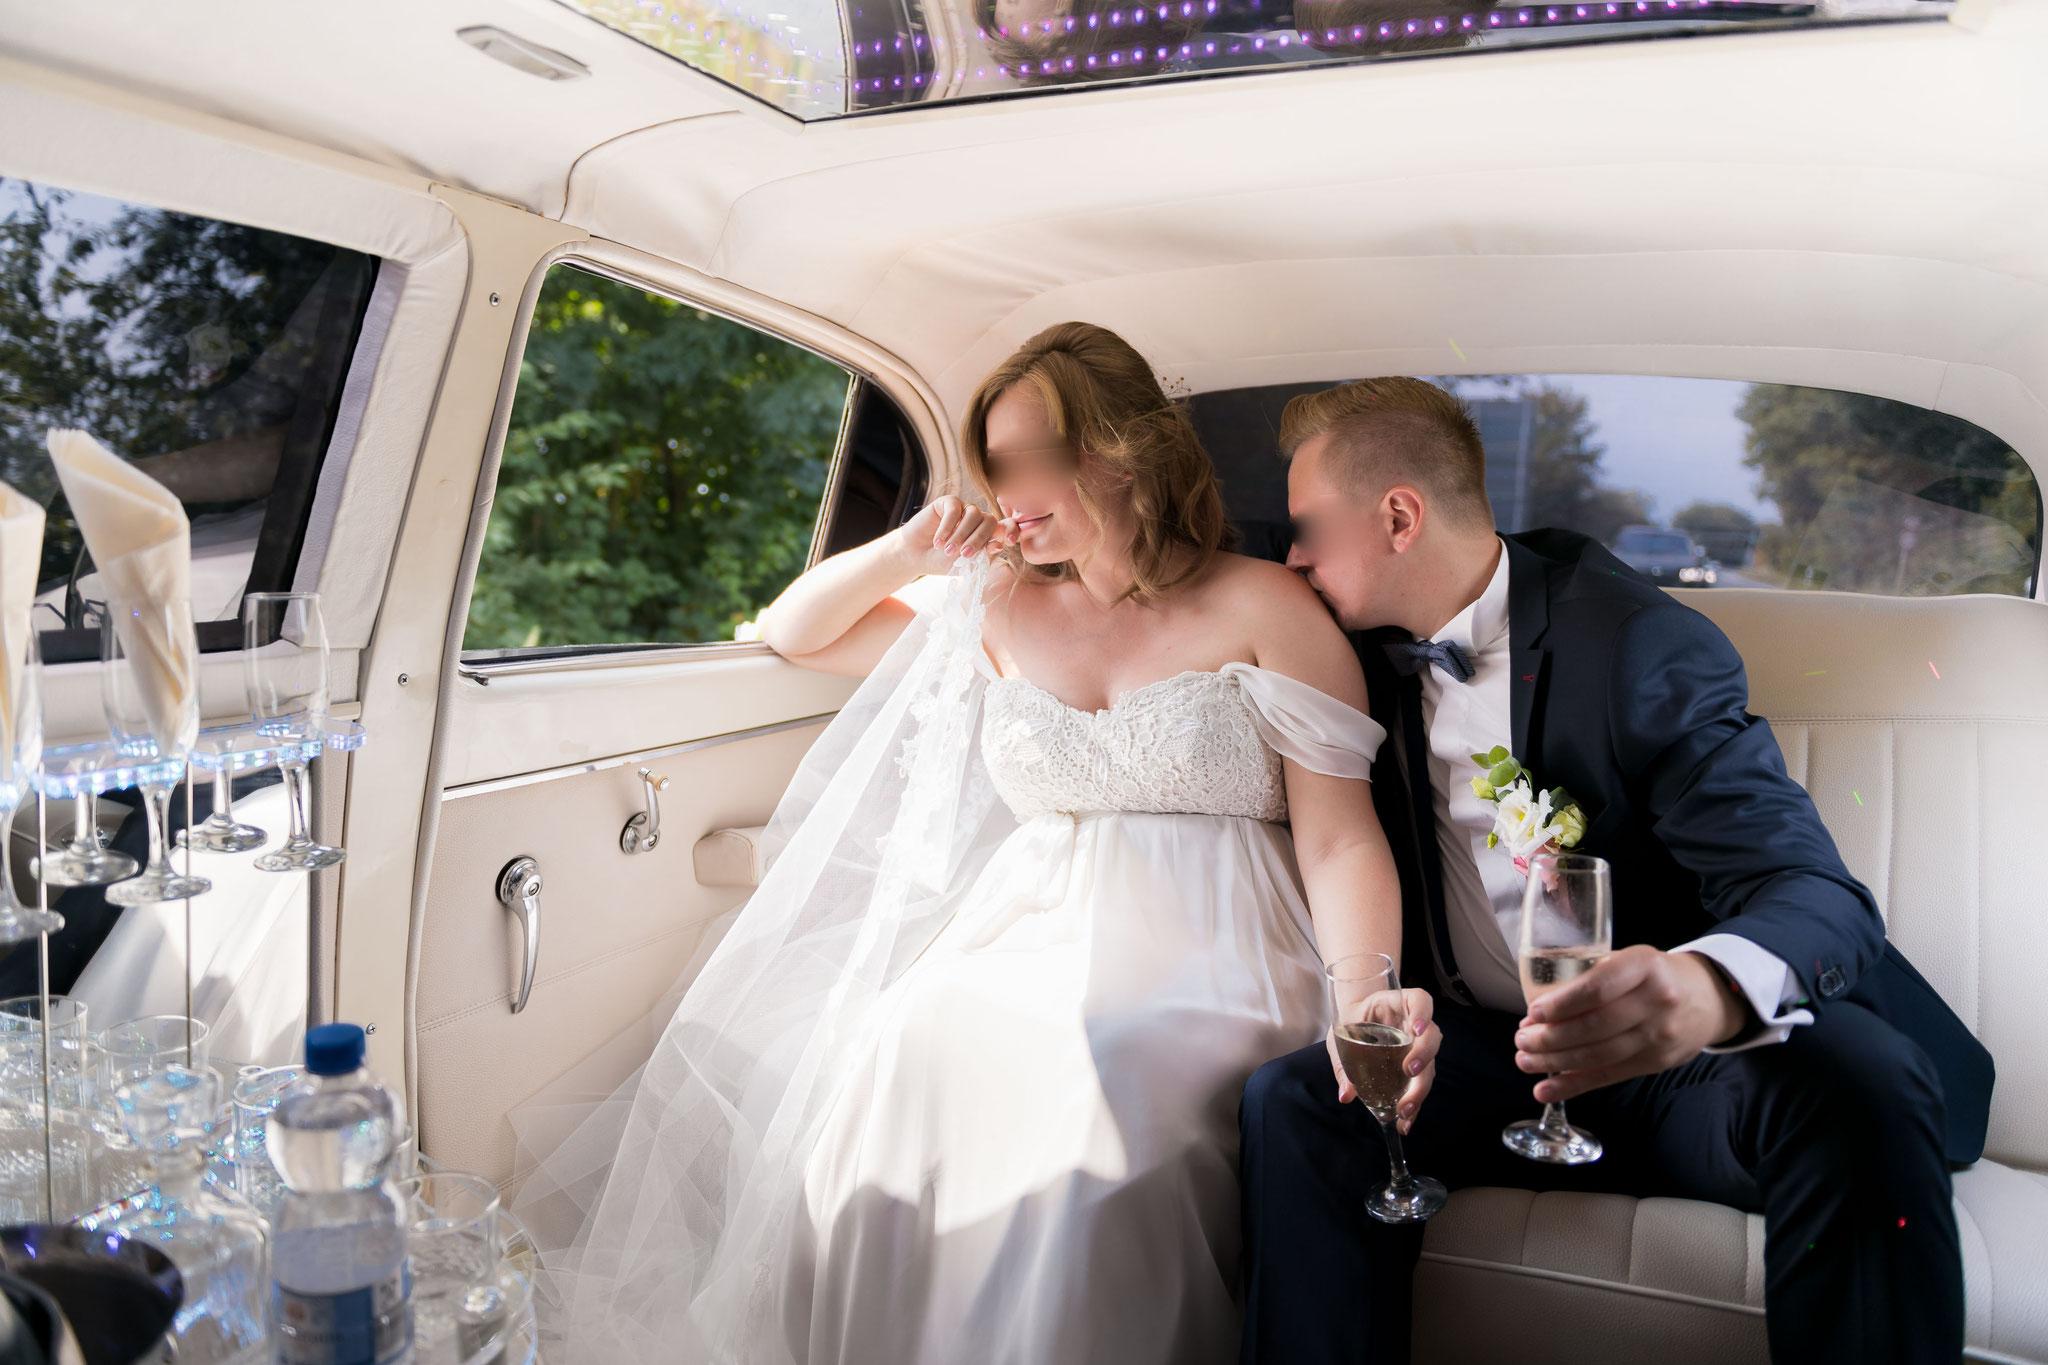 Wie fotografiere ich Brautpaare - Bräutigam küsst die Braut auf die Schulter